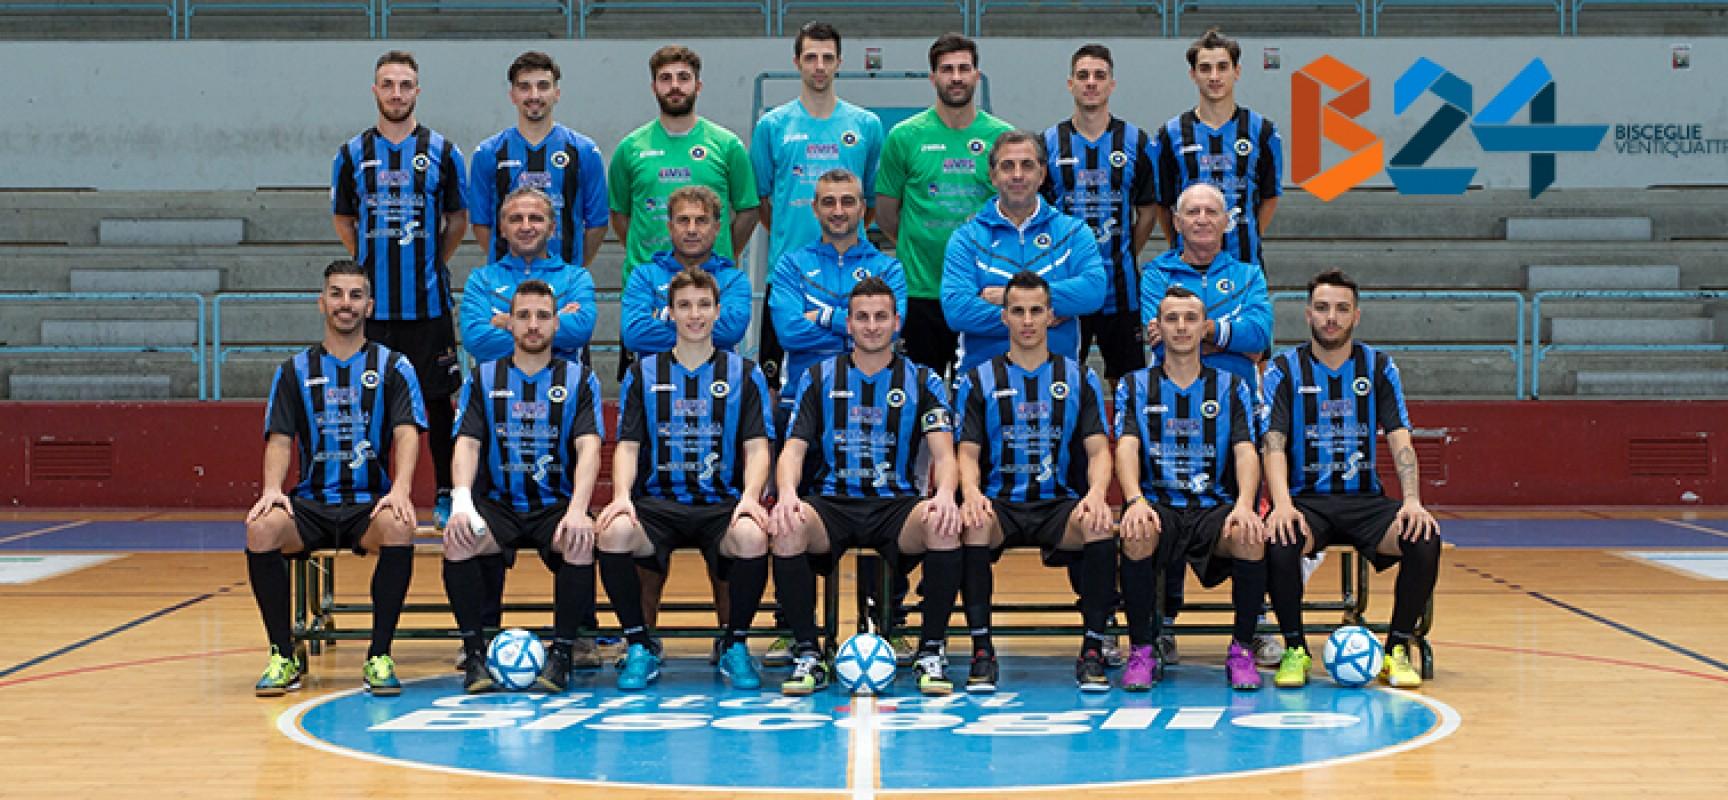 FINALE: Futsal Bisceglie – Salinis 7-3